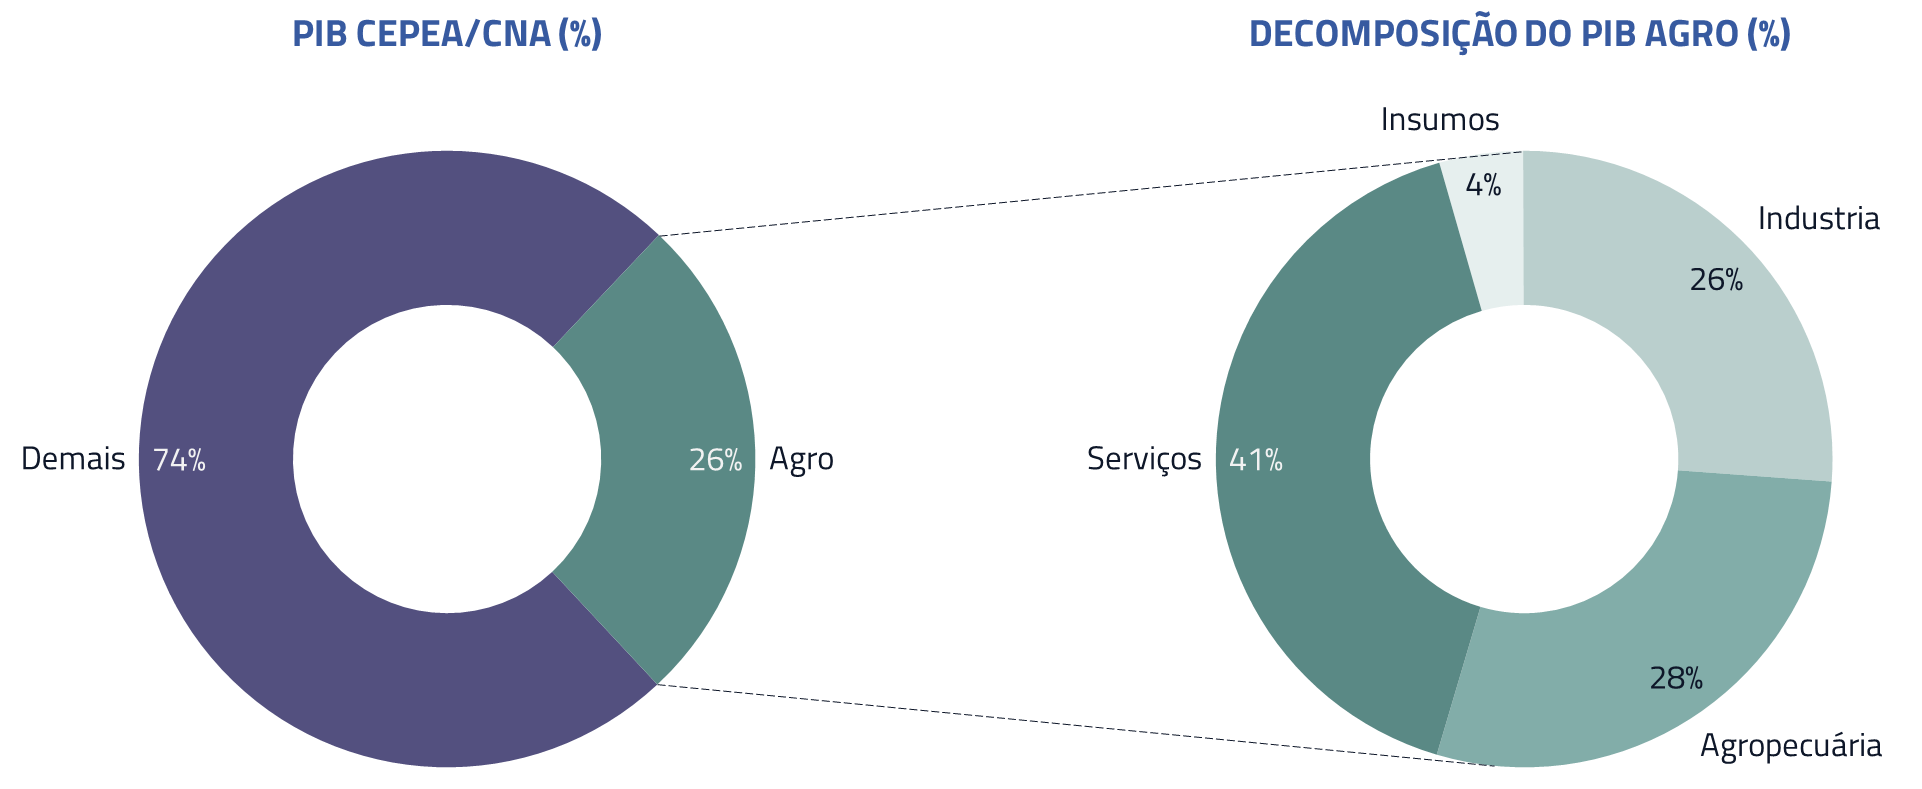 PIB CEPEA/CNA(%) | Decomposição do PIB Agro (%)